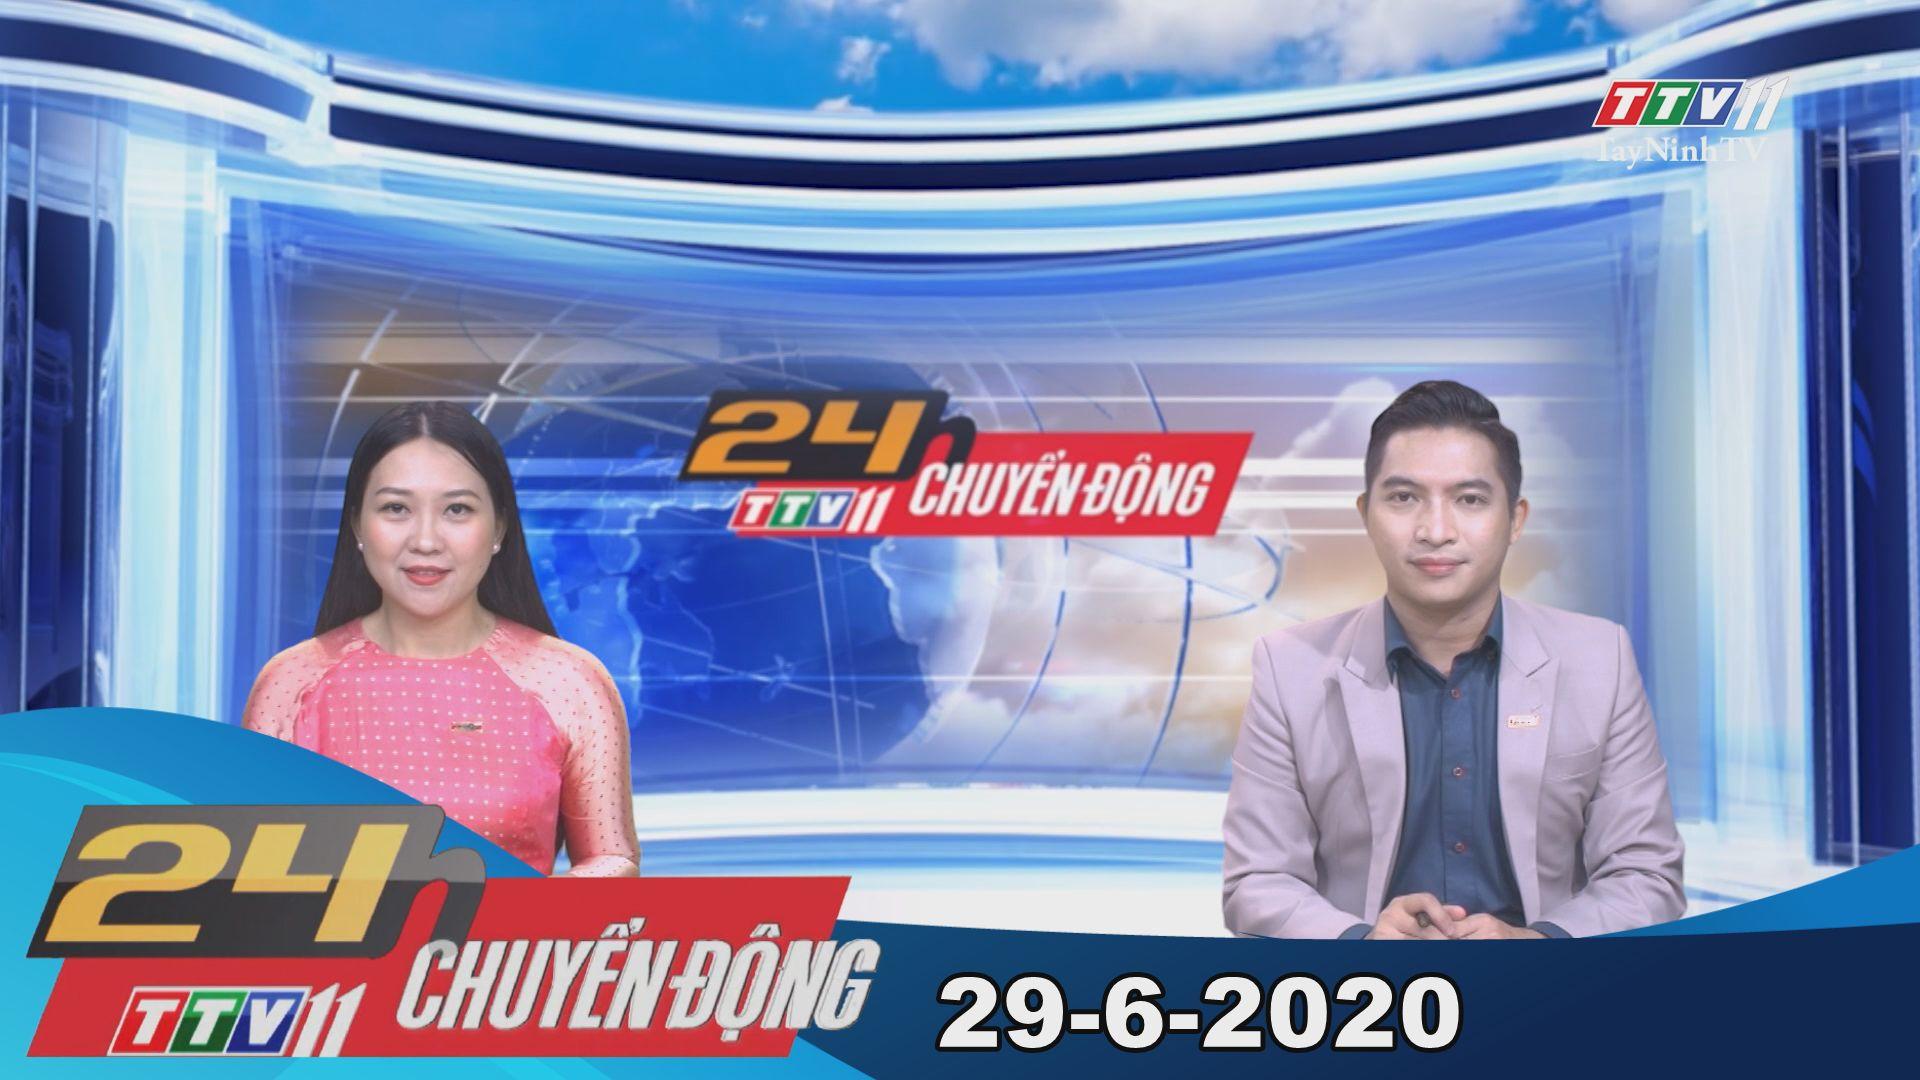 24h Chuyển động 29-6-2020 | Tin tức hôm nay | TayNinhTV